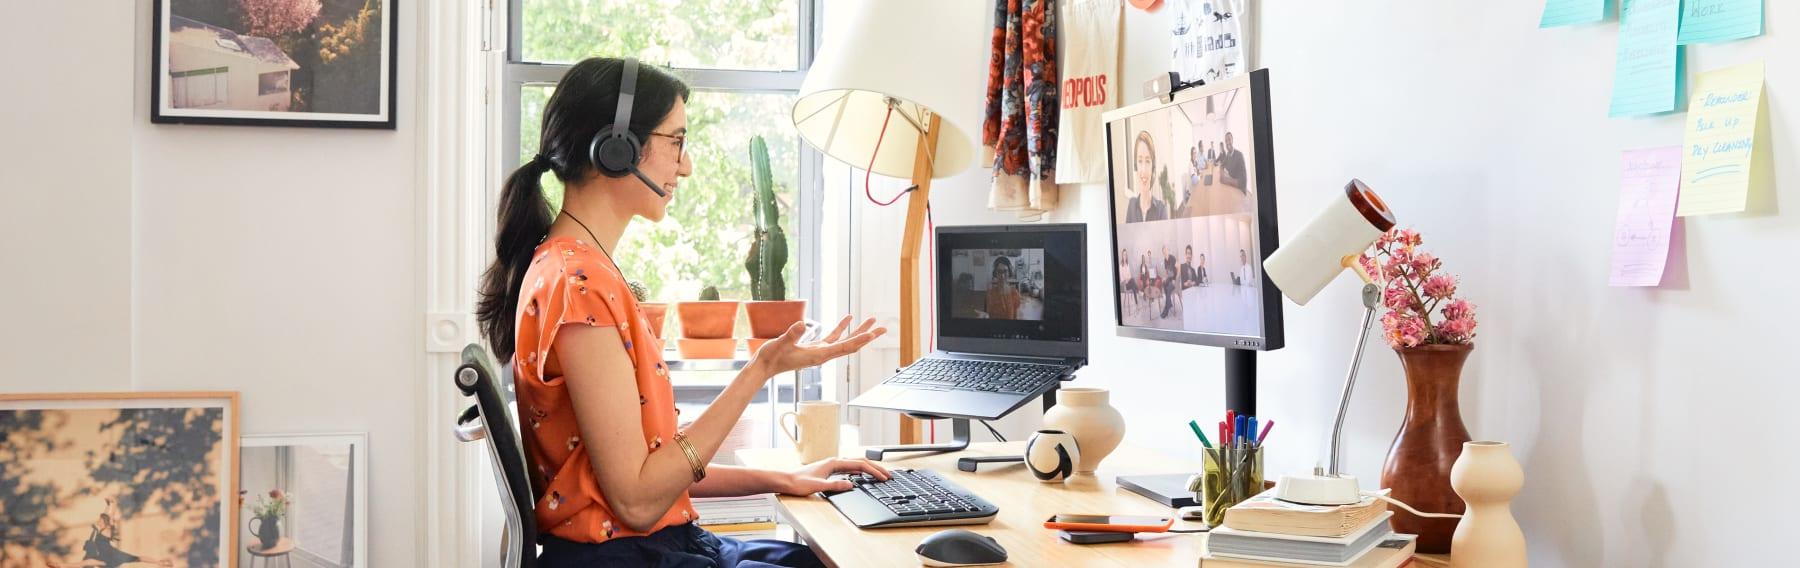 Ein Frau in einer Videokonferenz, die die Ausrüstung von Logitech verwendet